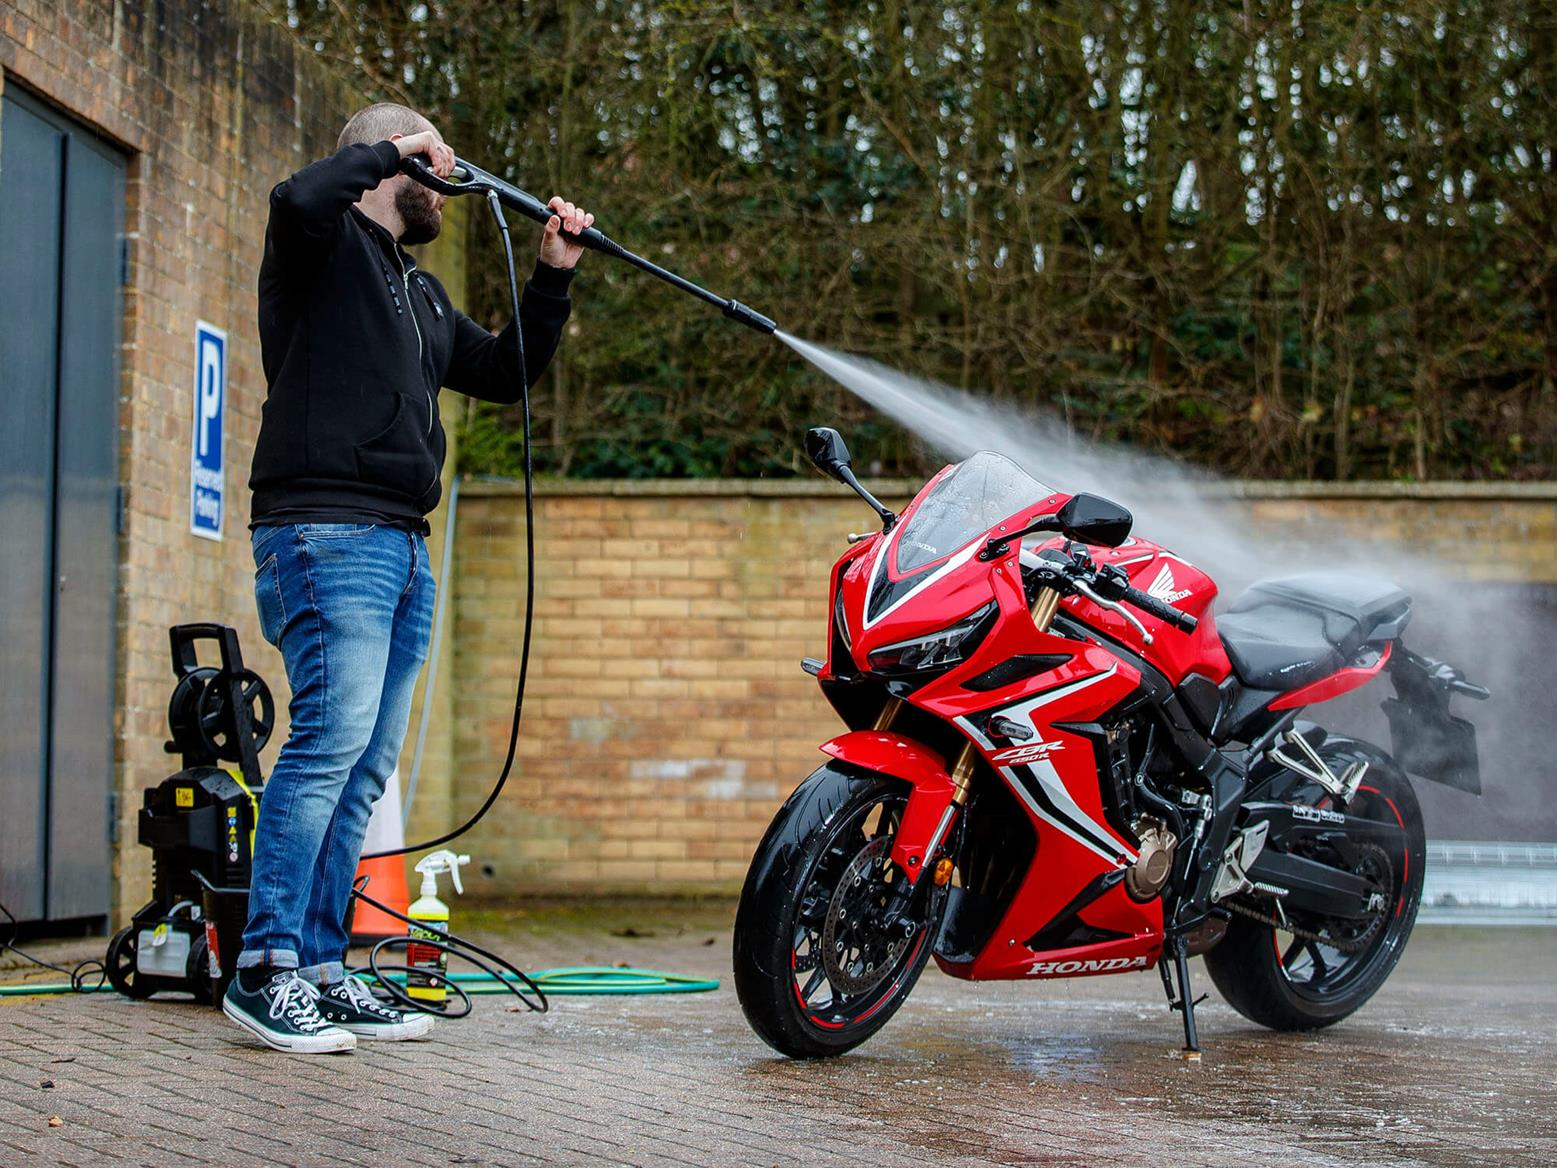 CBR650R jet wash